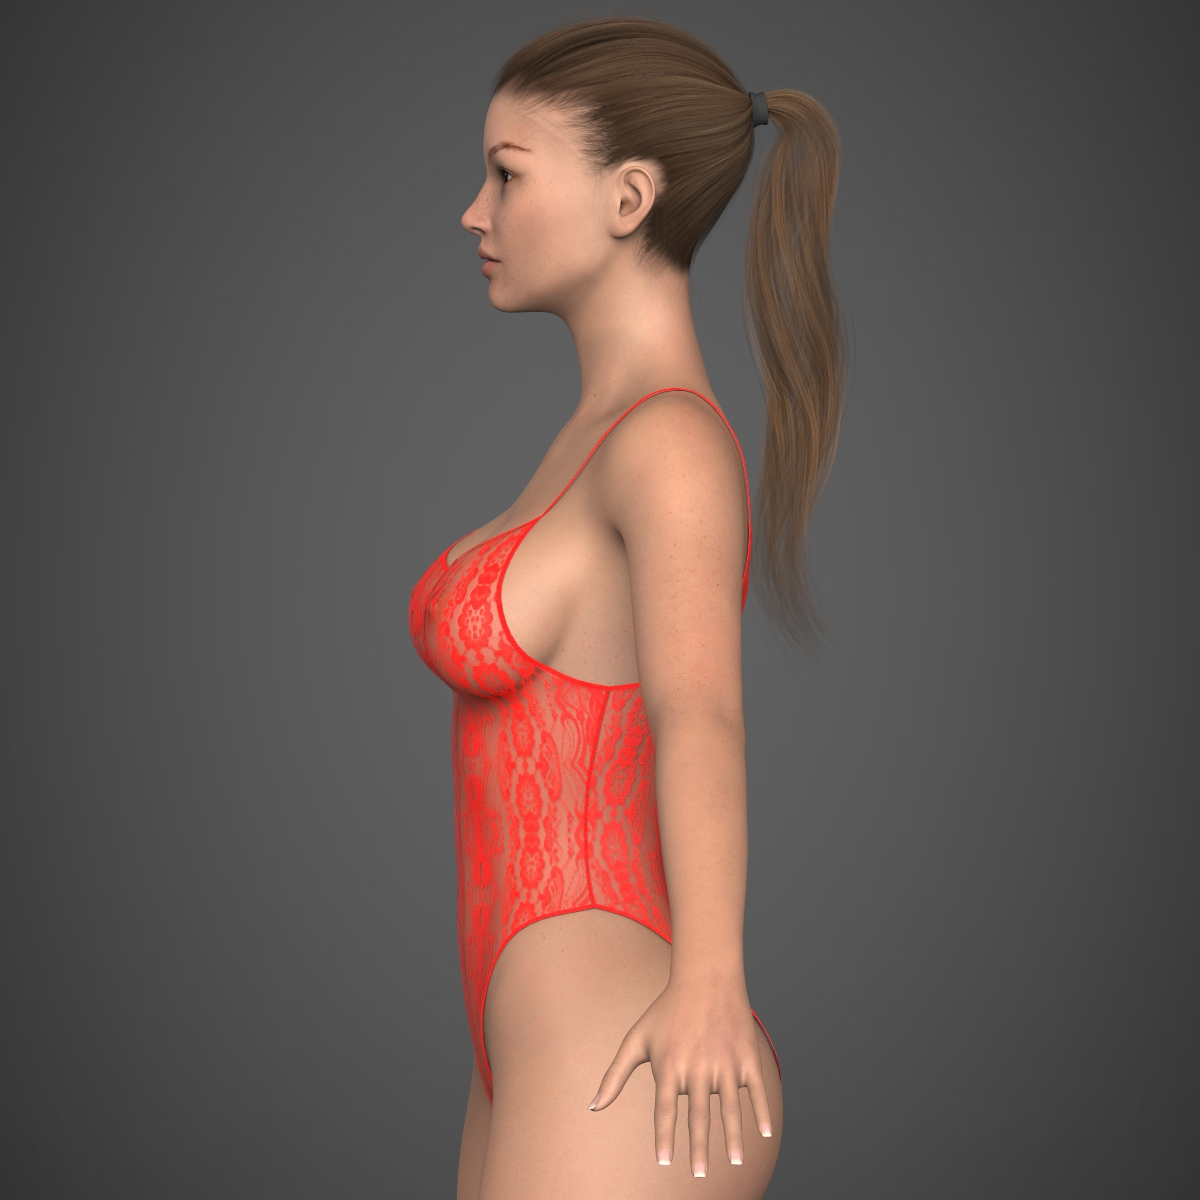 realistic young girl 3d model max fbx c4d ma mb texture obj 220924